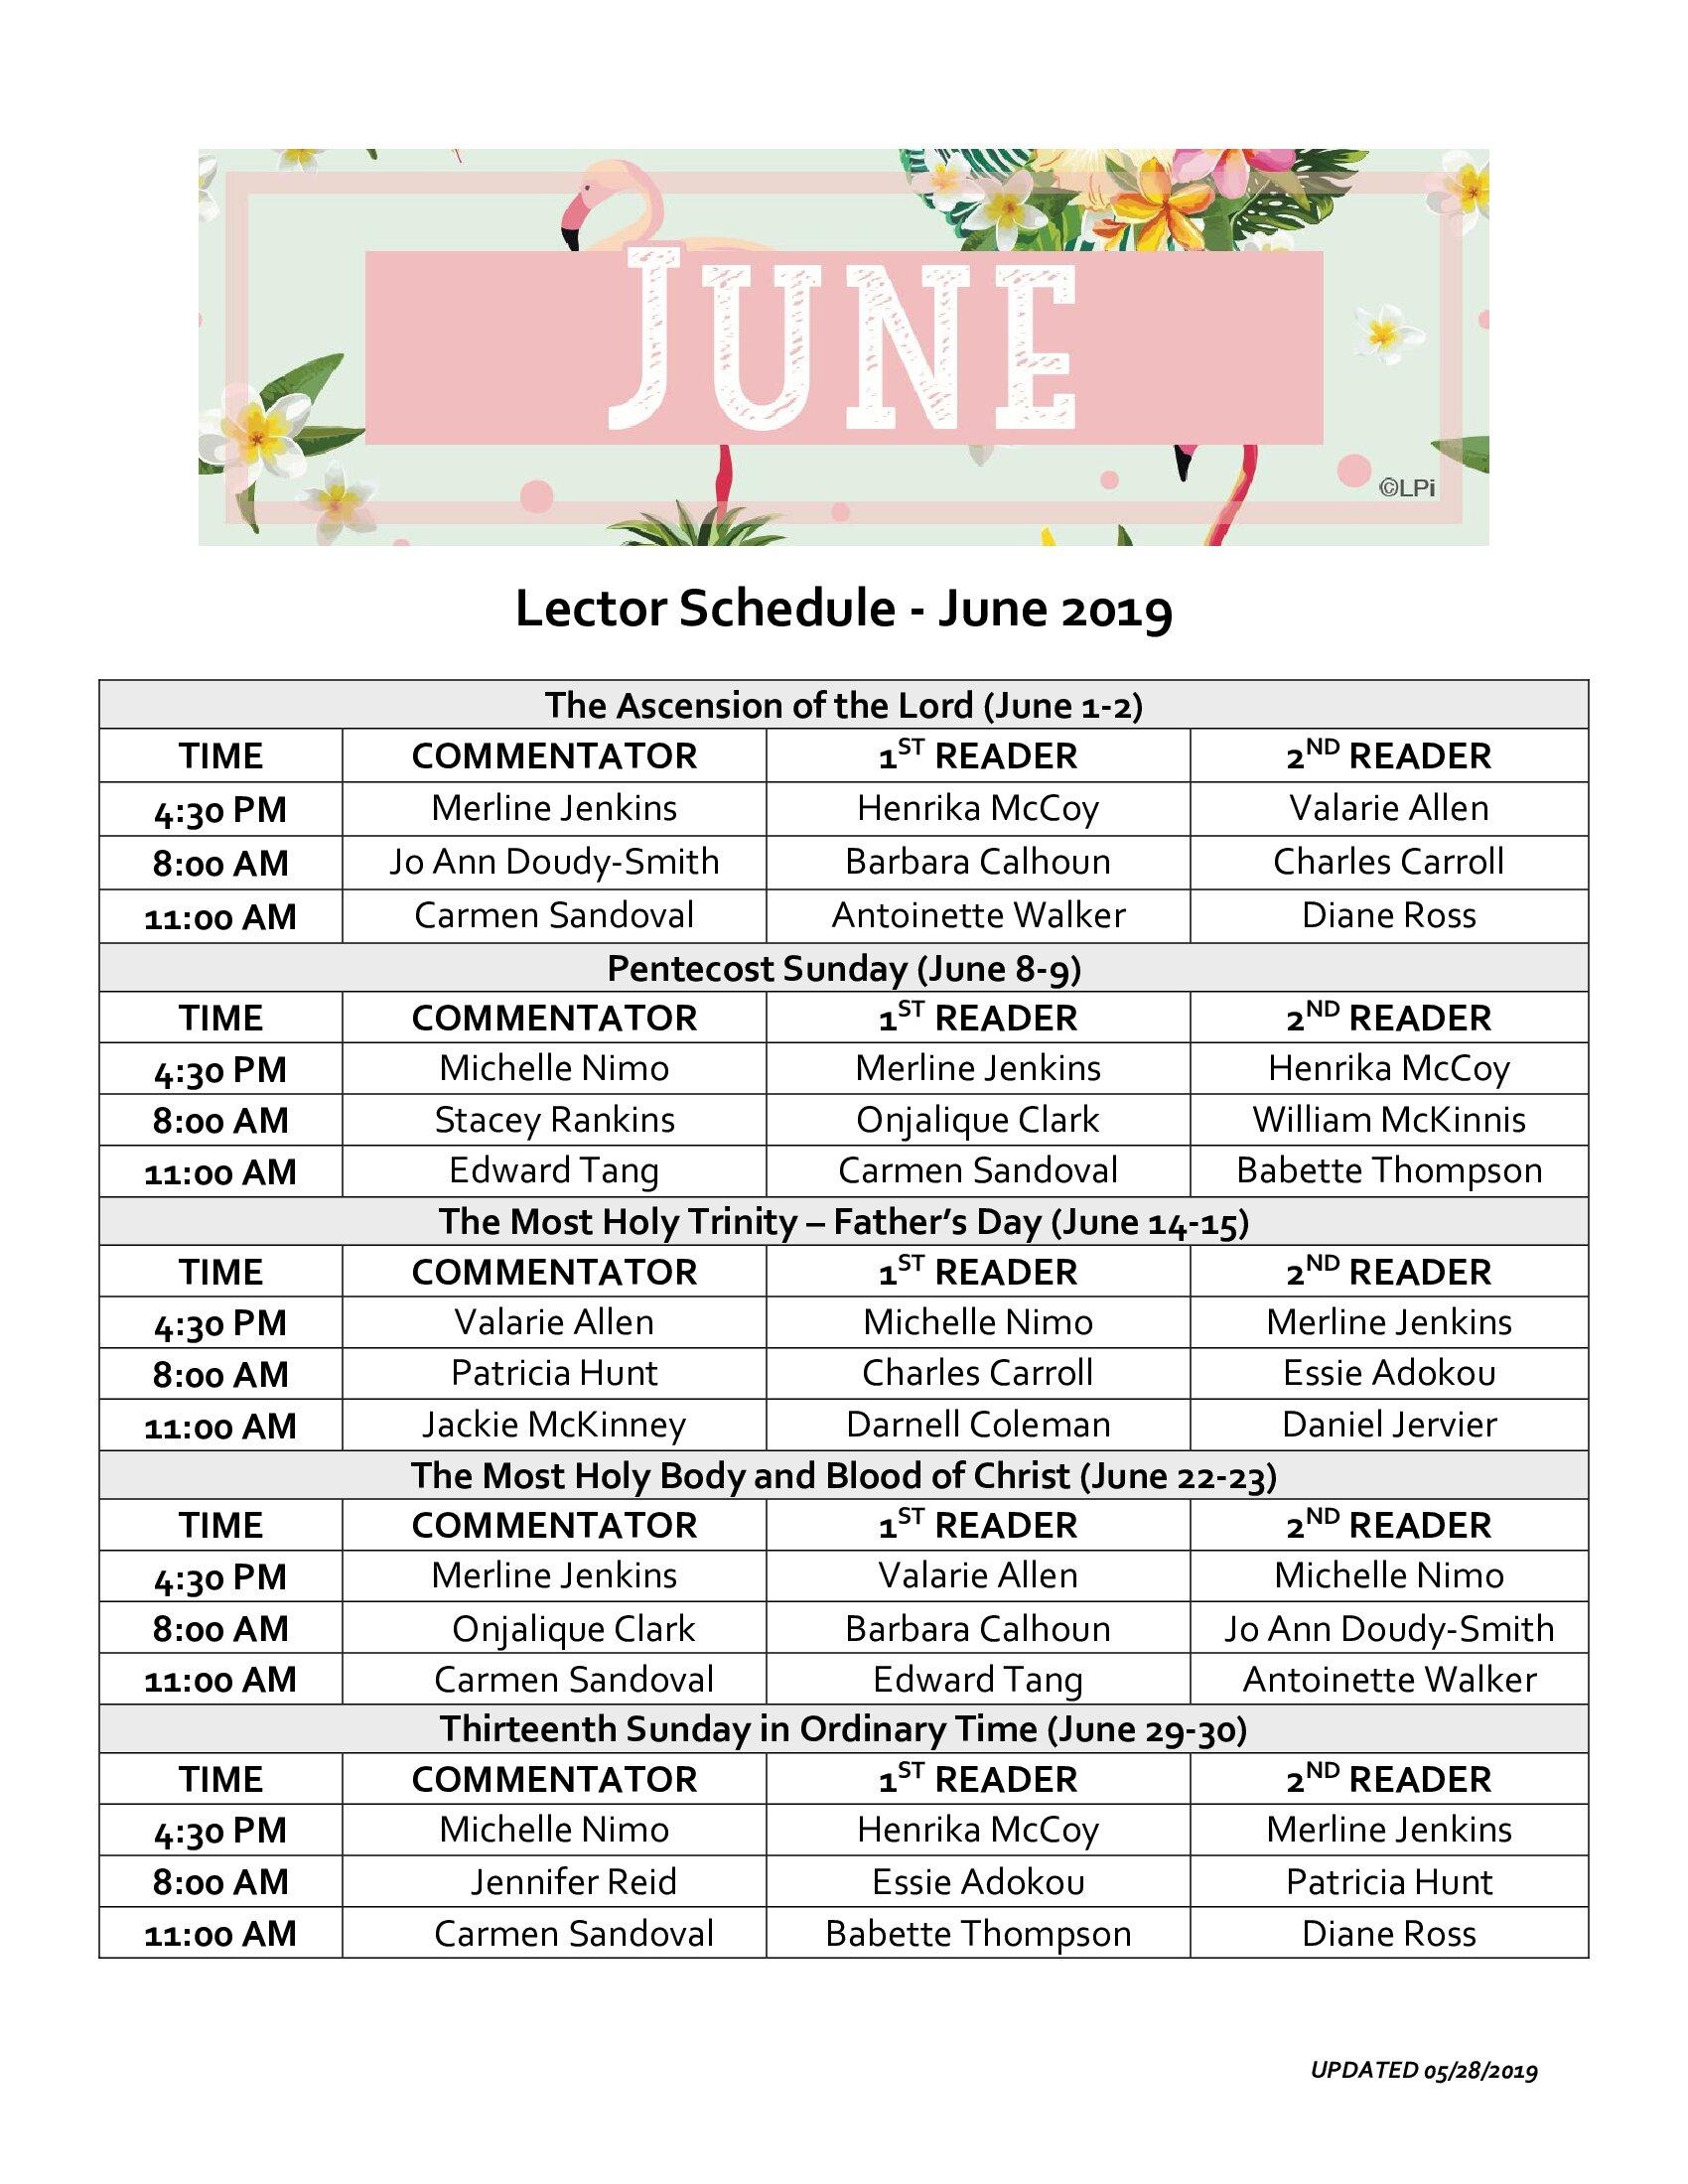 June 2019 Lector Schedule.jpg